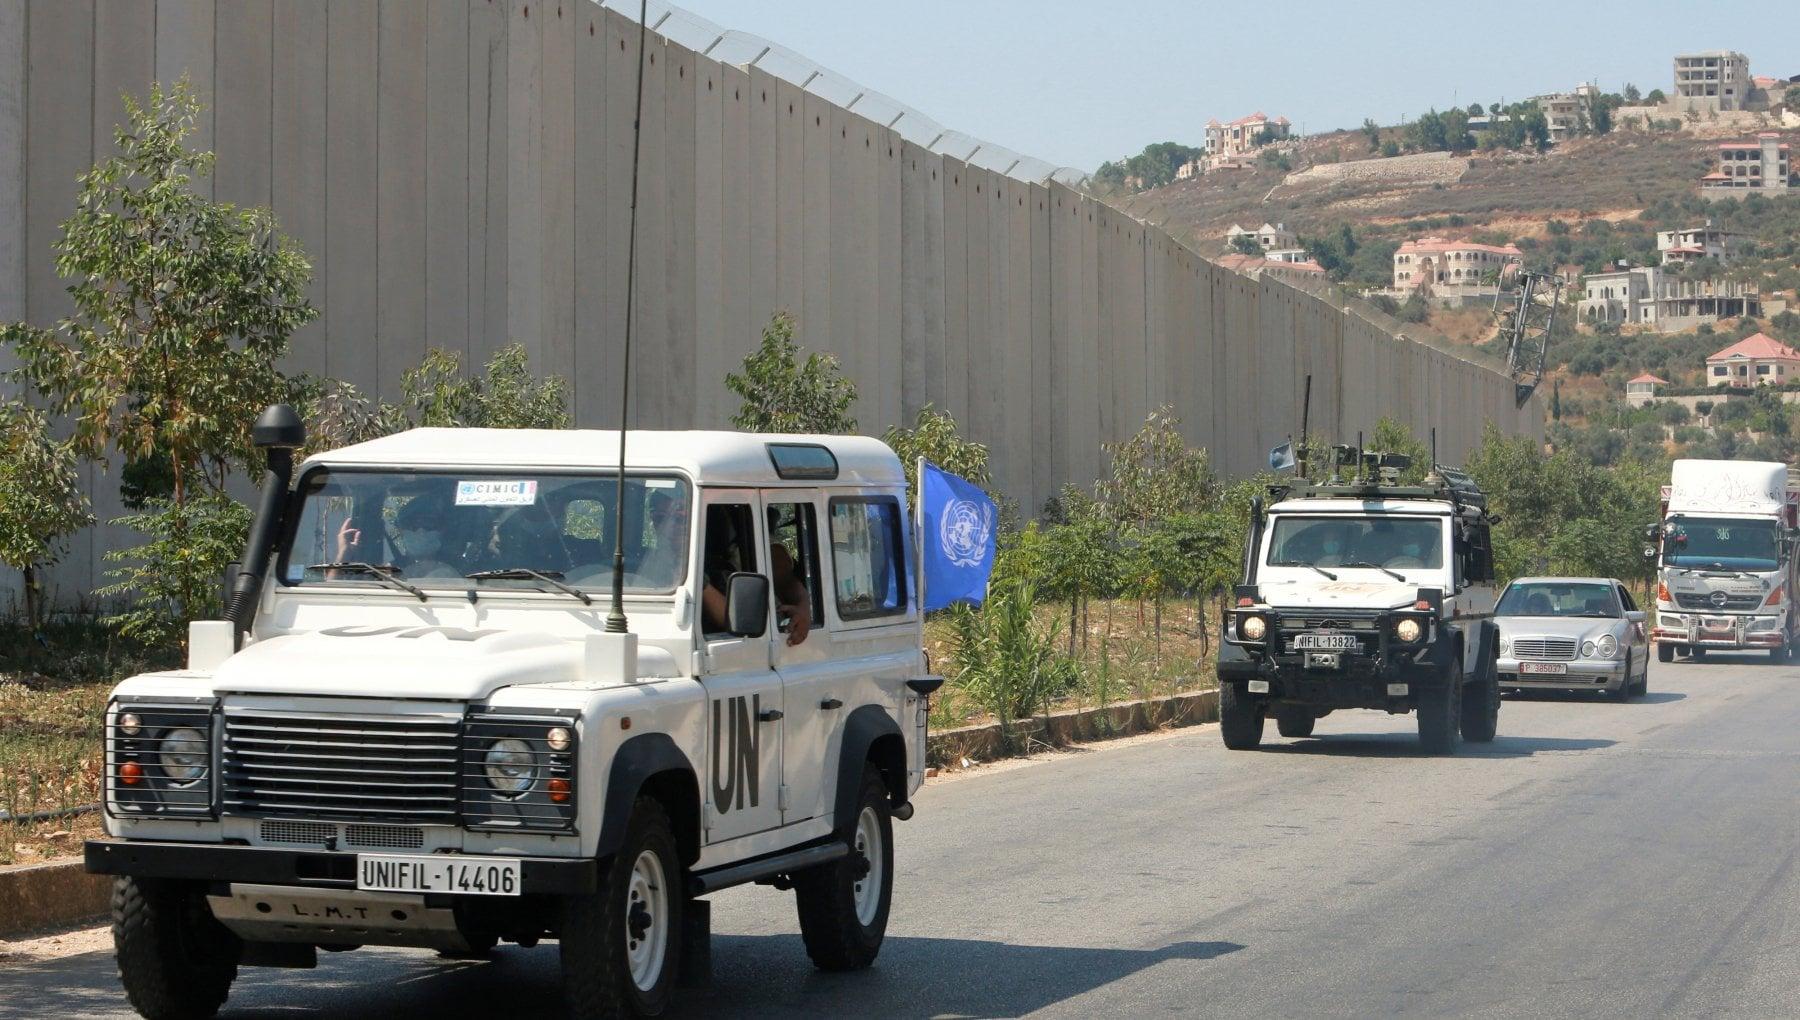 """123728908 75beadd6 0fe8 4d86 9ae3 1e1b872b64f4 - Attacco aereo di Israele nel sud del Libano per rispondere ai razzi. Gantz: """"Un avvertimento a Teheran"""""""